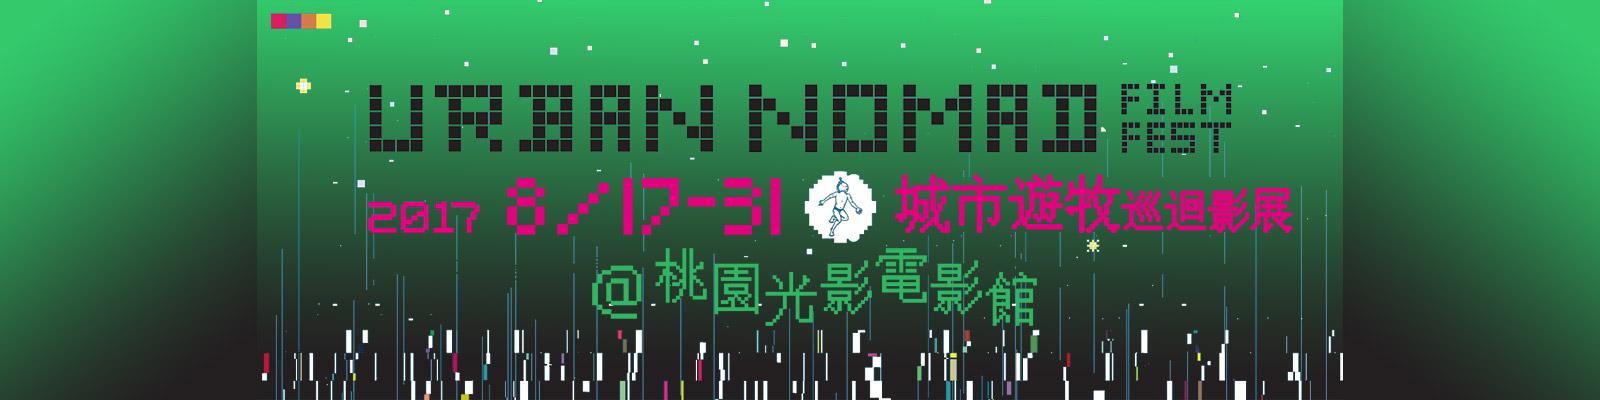 taoyuan-web-banner